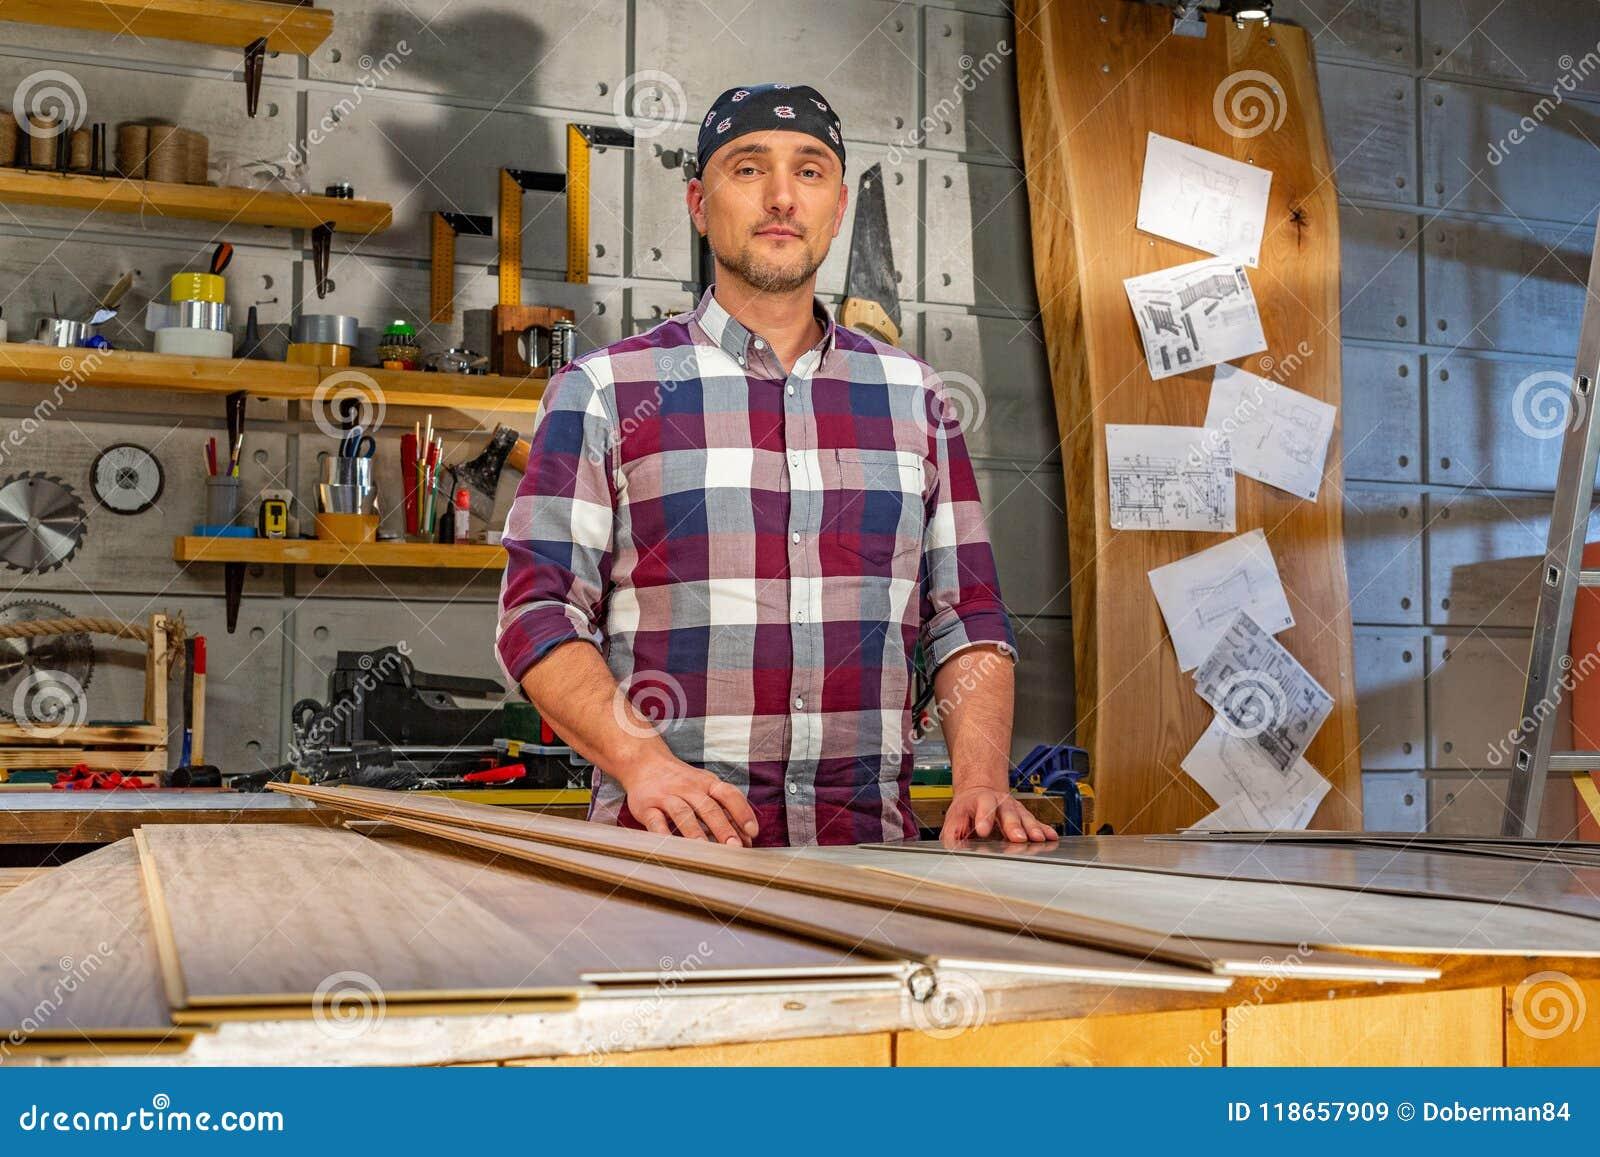 Carpintero que hace su trabajo en taller de la carpintería un hombre en un taller de la carpintería mide y lamina de los cortes